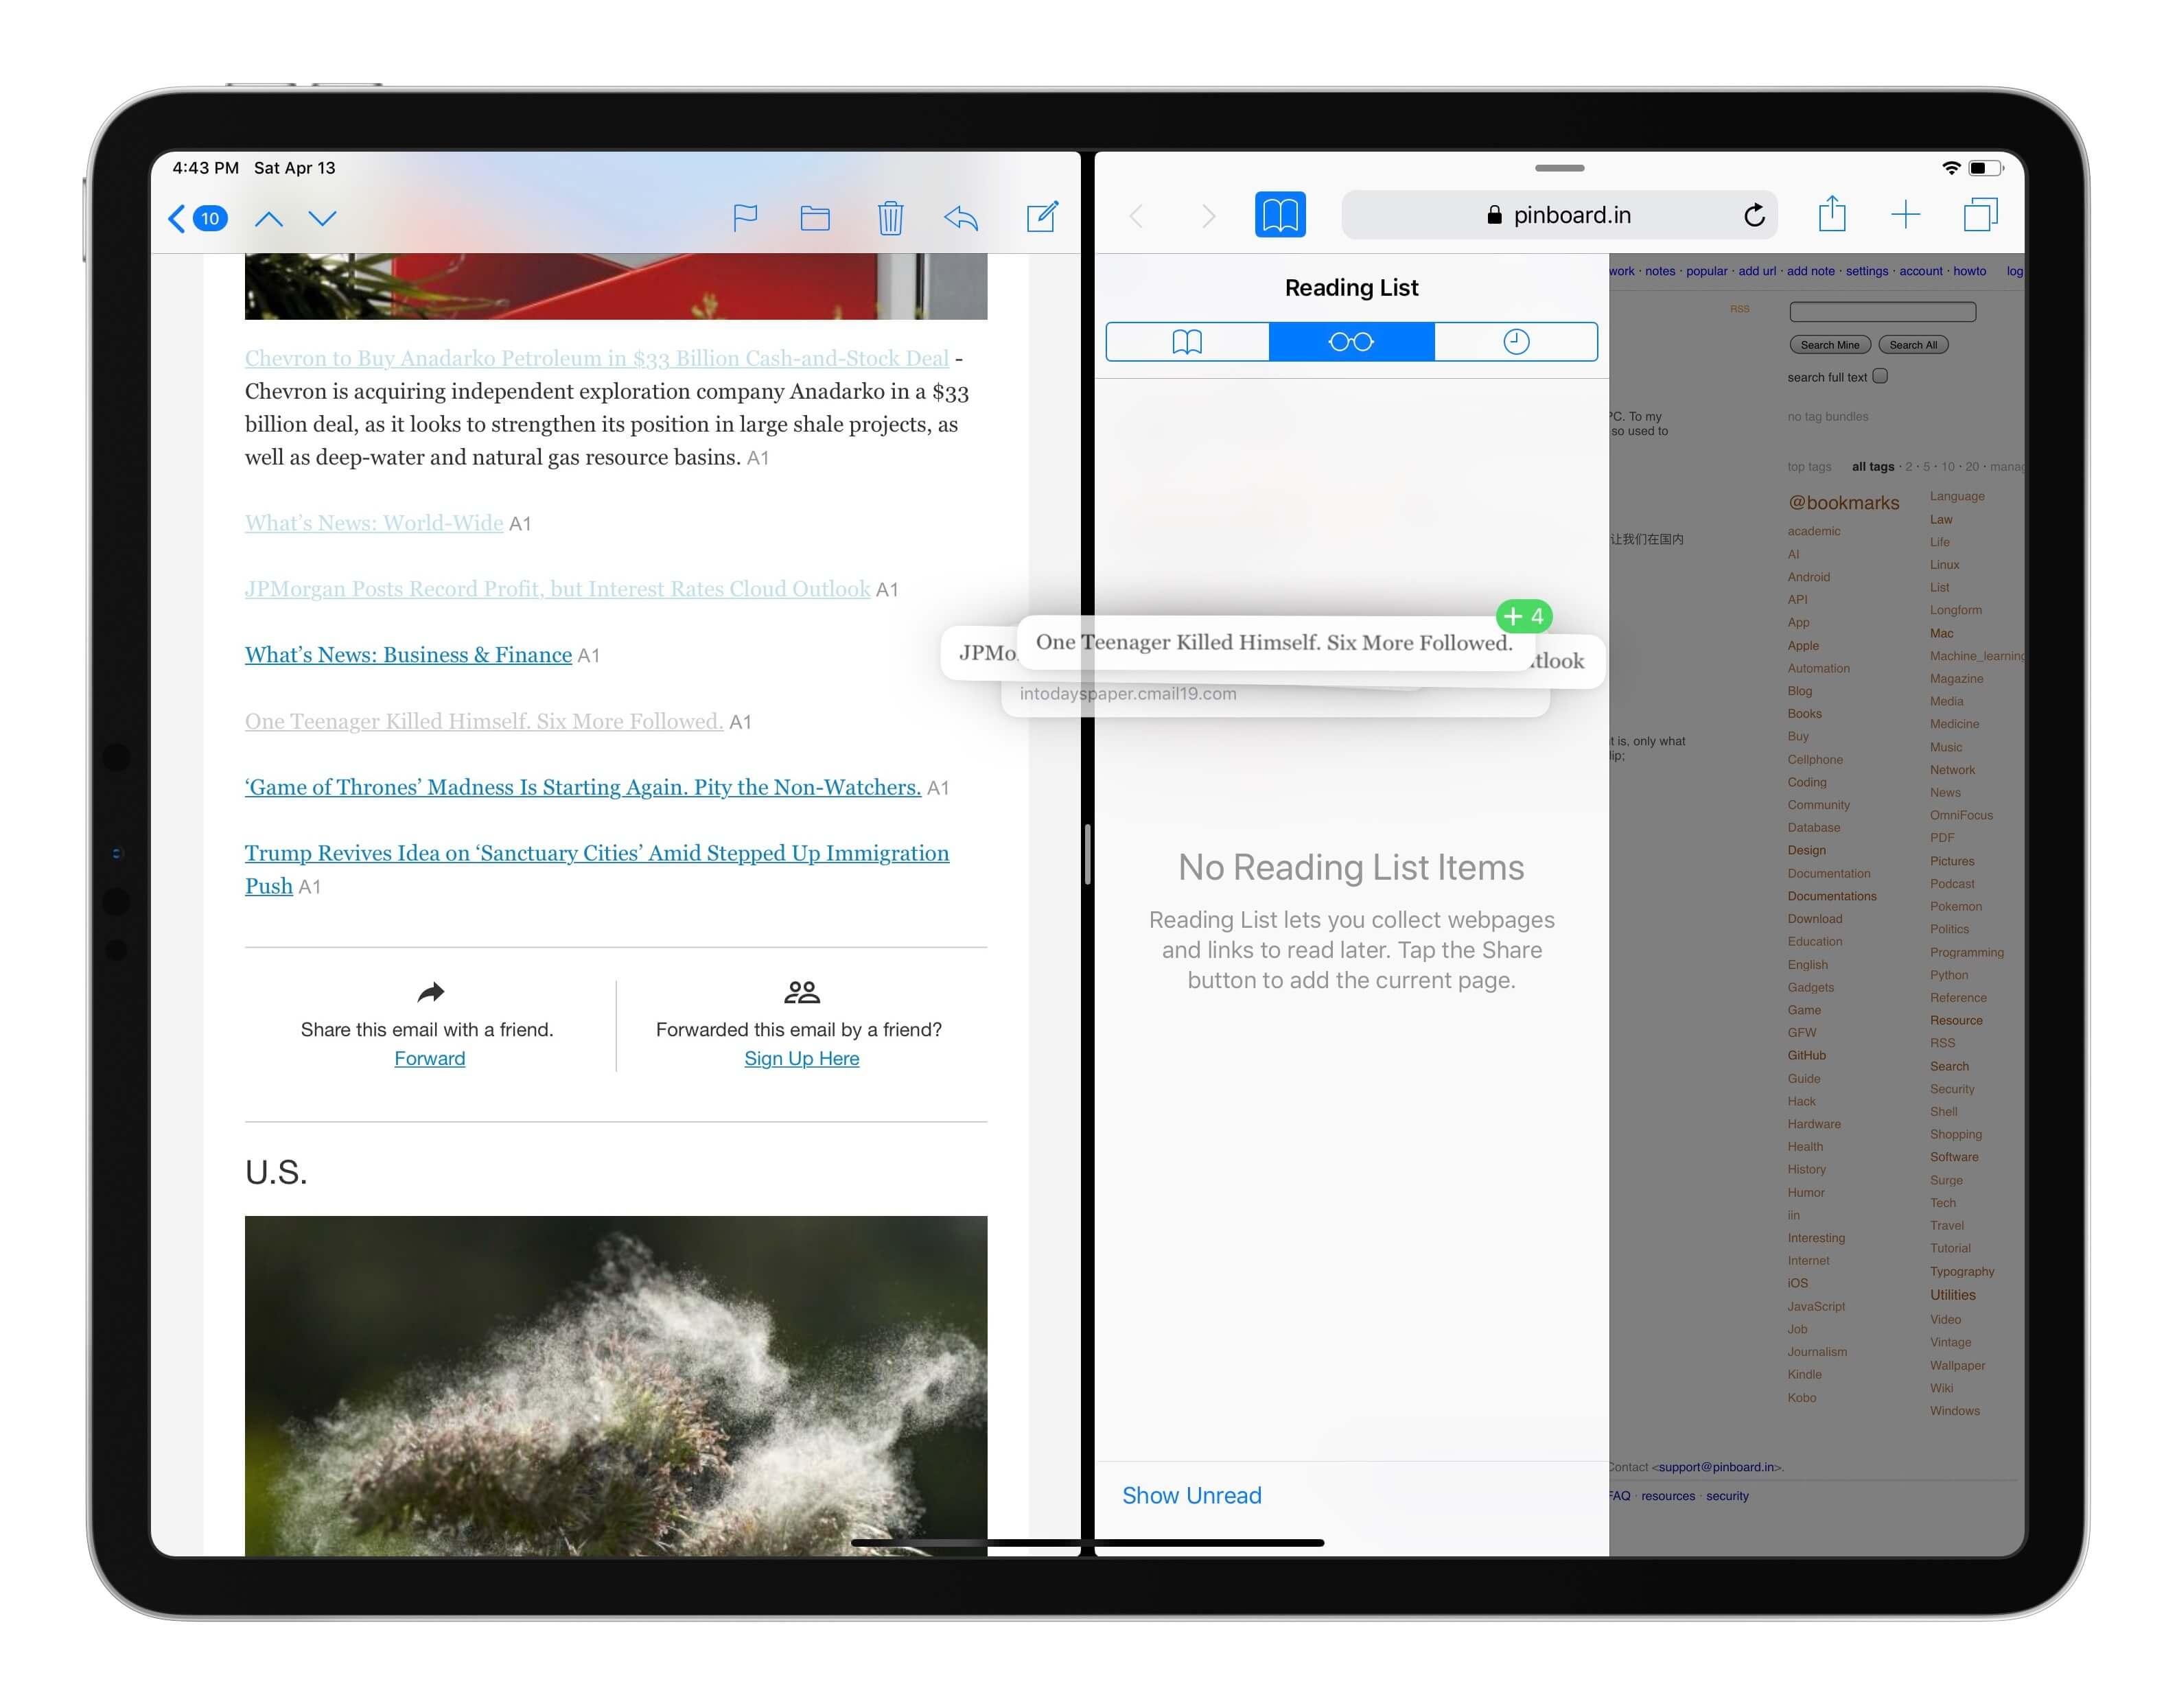 用拖放手势在 iPad 上批量添加阅读列表链接